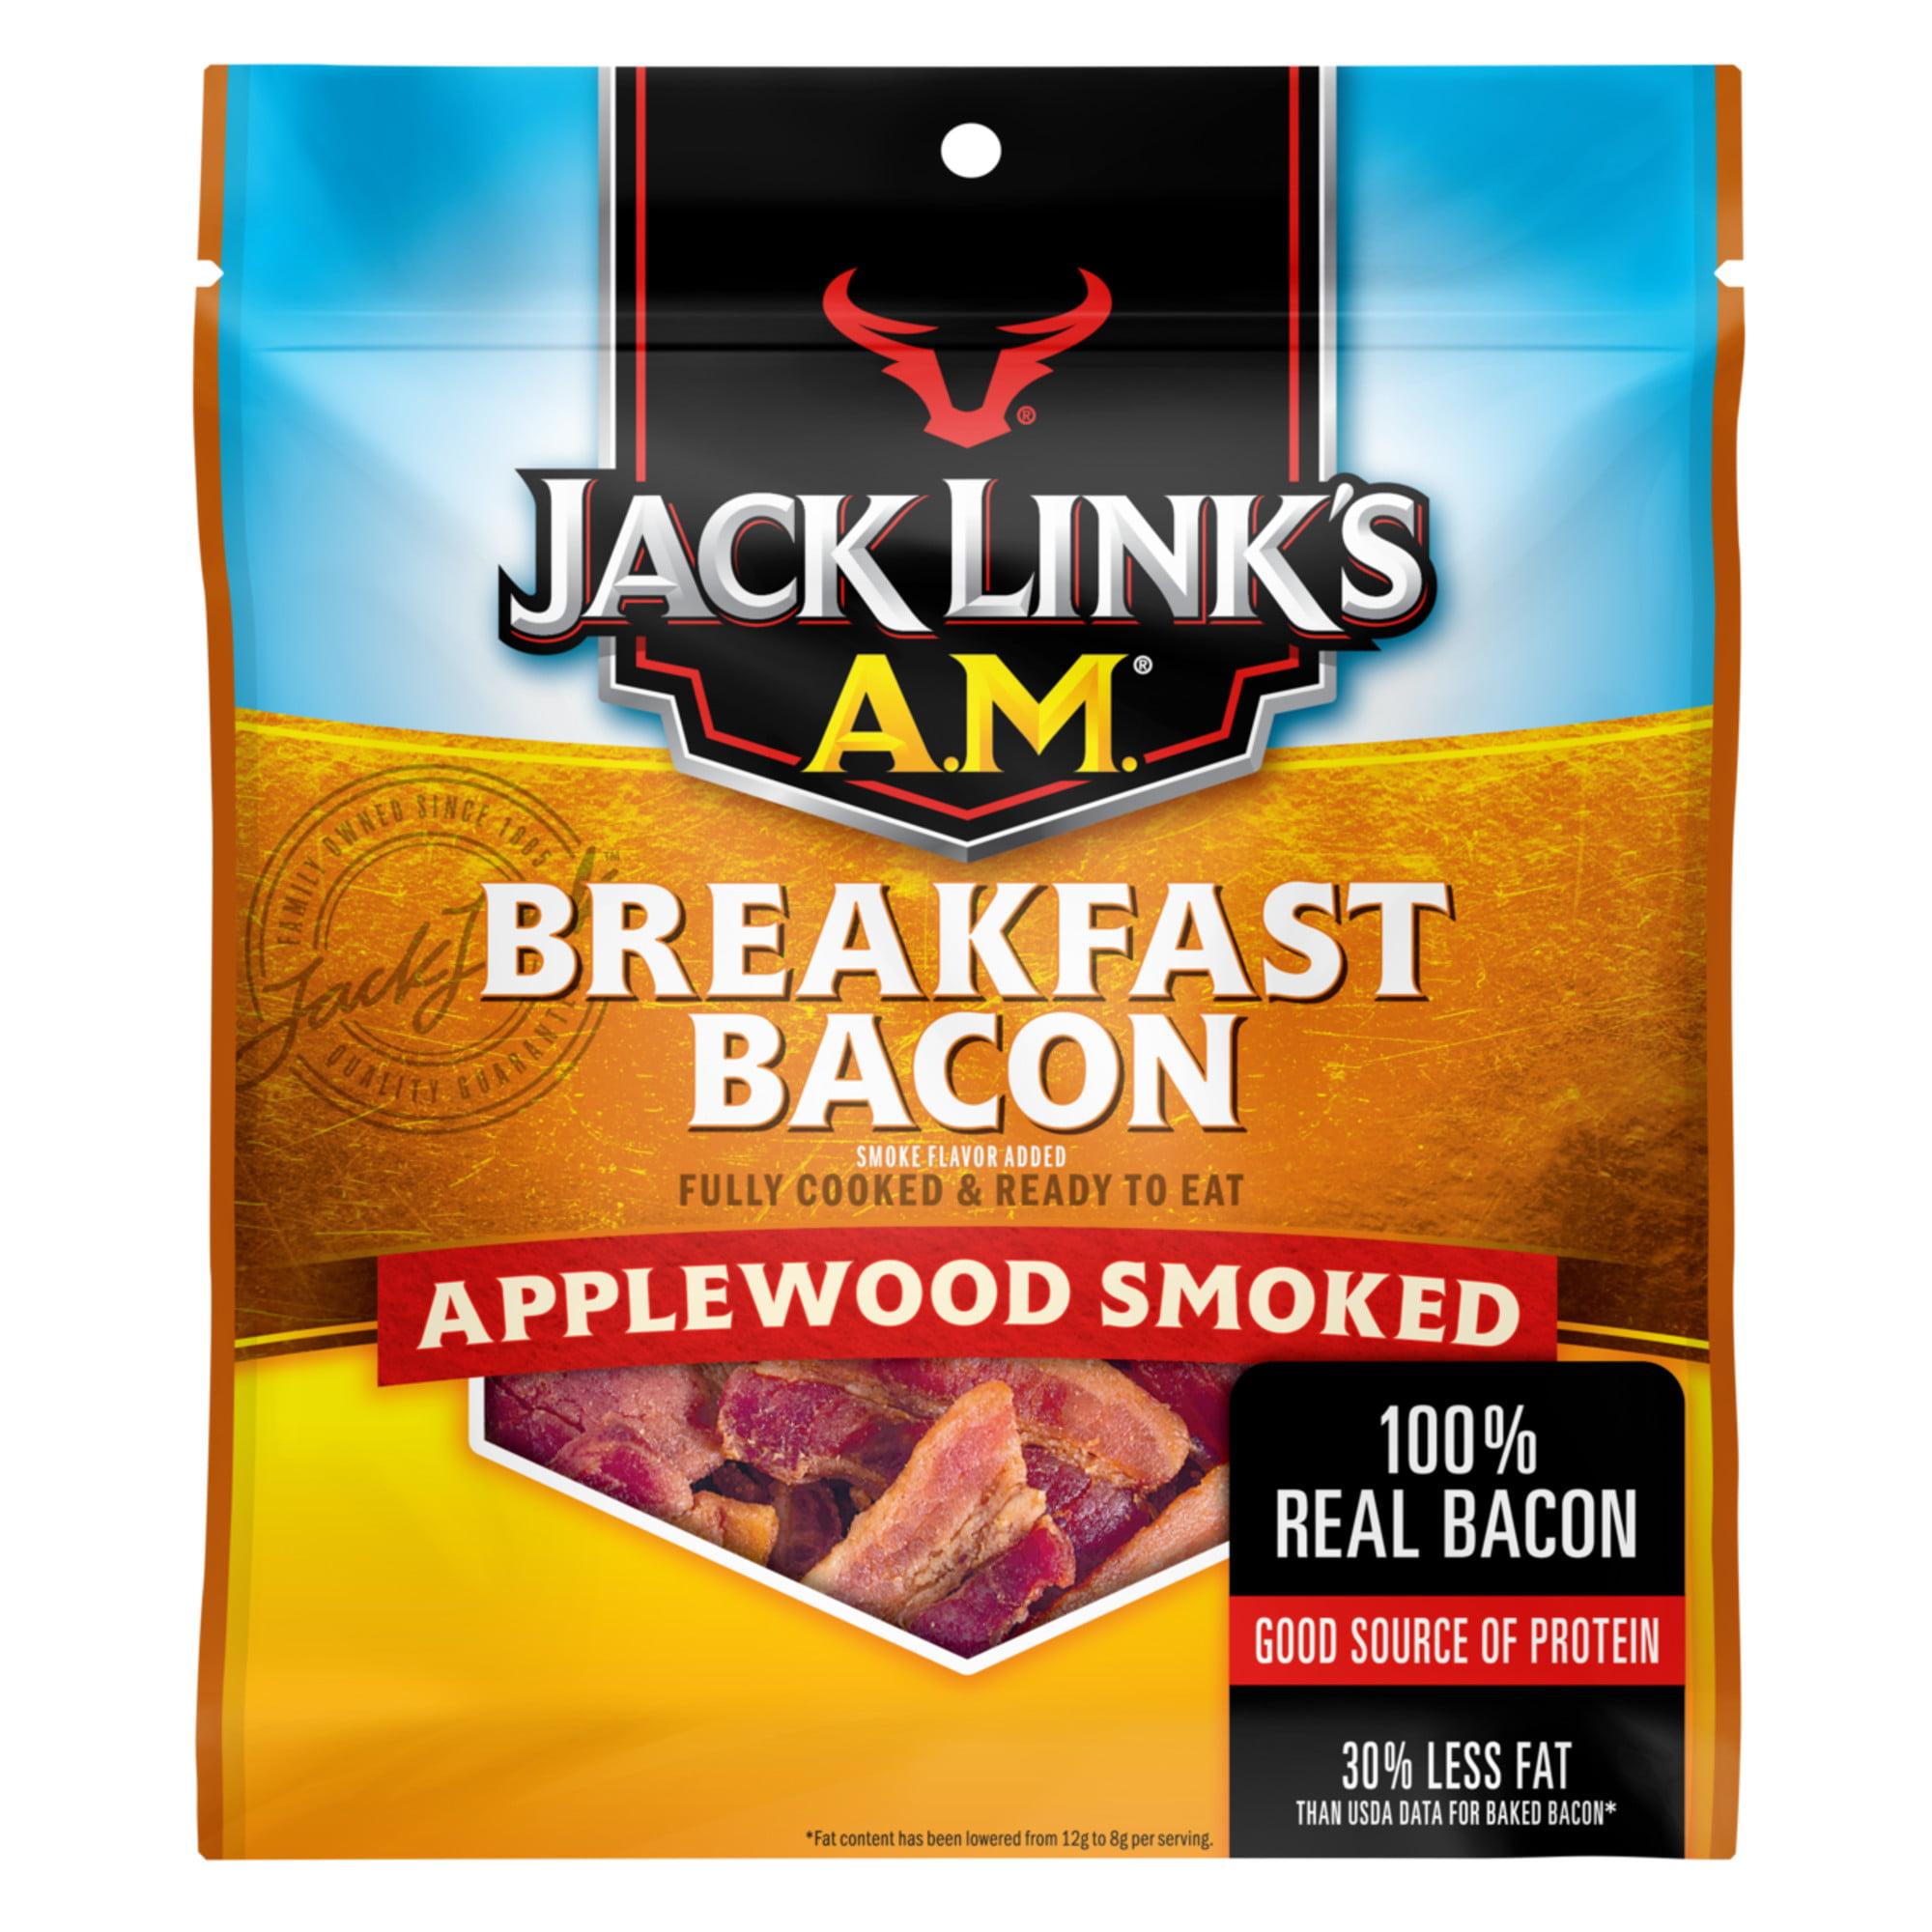 Jack Links AM Breakfast Bacon, Applewood Smoked, 2.5oz